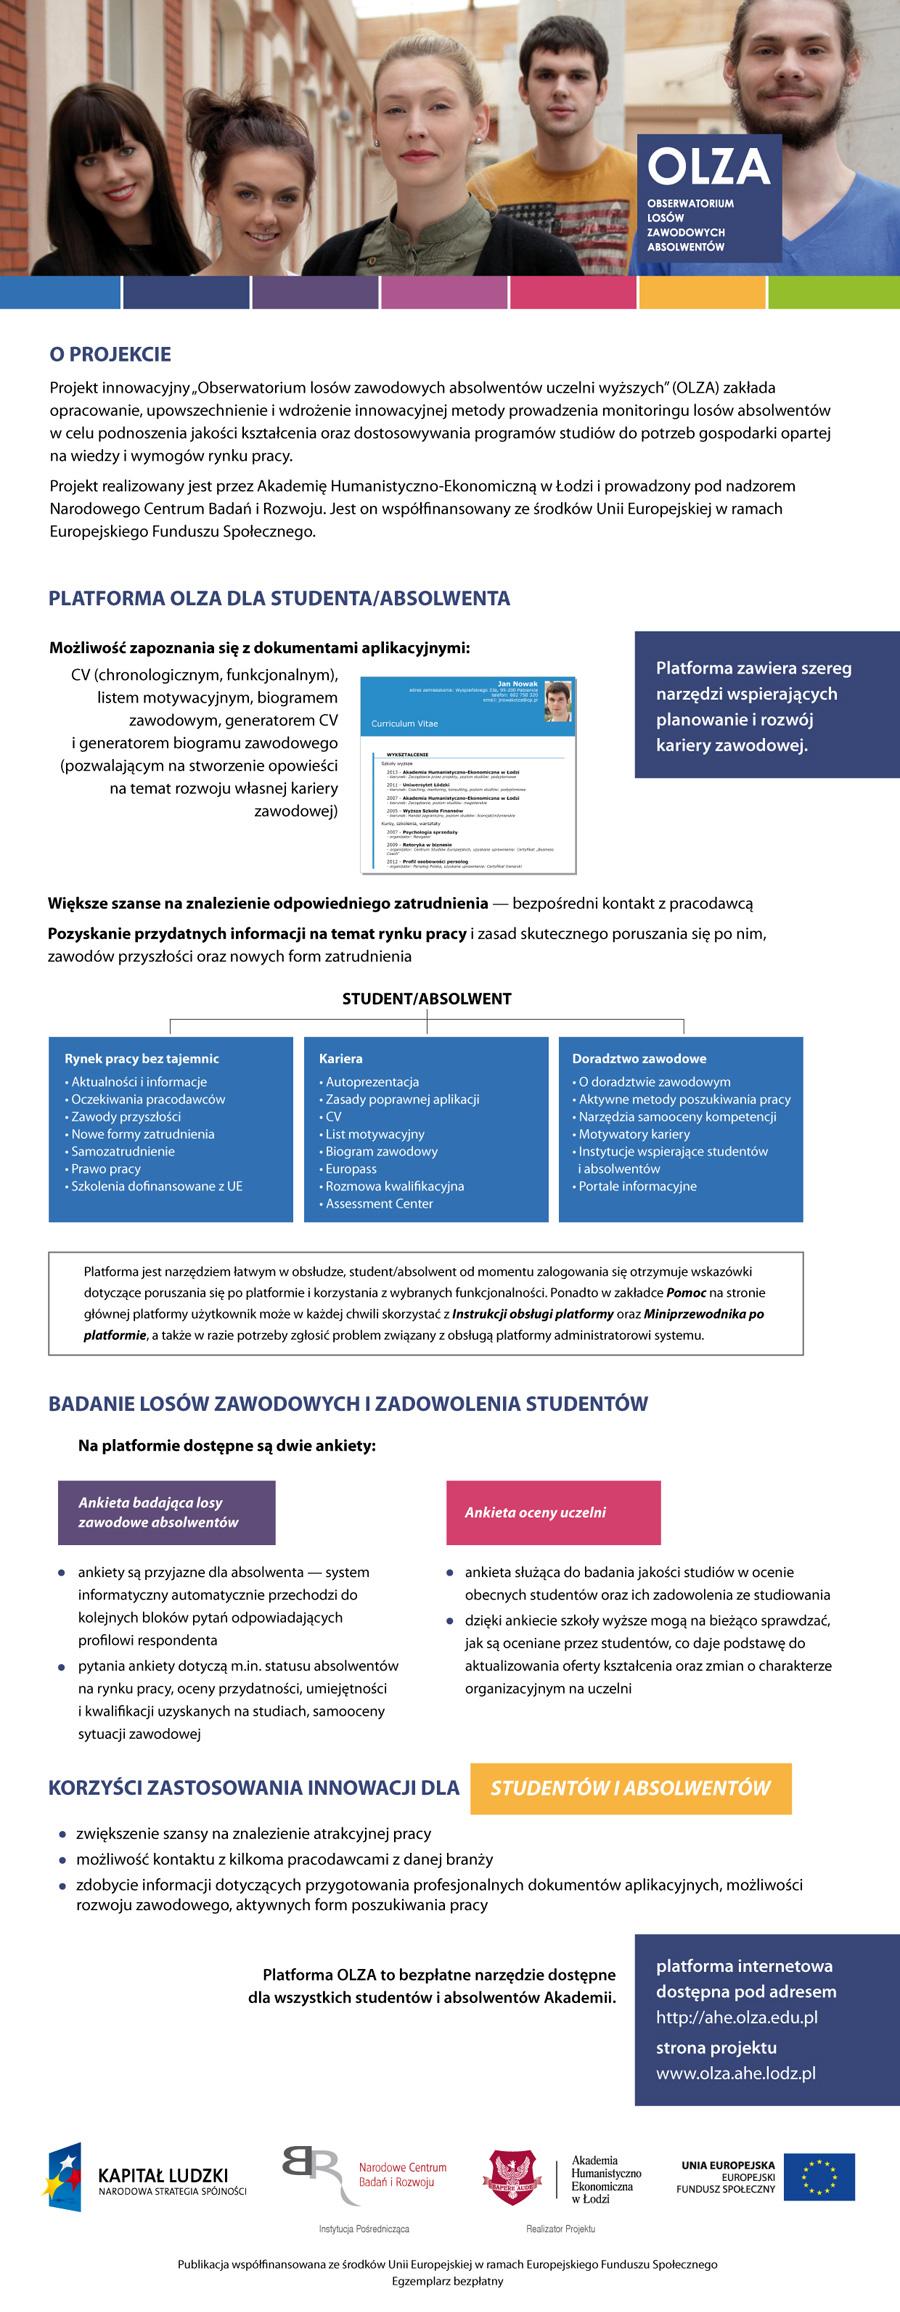 Projekt zakłada opracowanie, upowszechnienie i wdrożenie innowacyjnej metody prowadzenia monitoringu losów zawodowych absolwentów w celu podnoszenia jakości kształcenia.